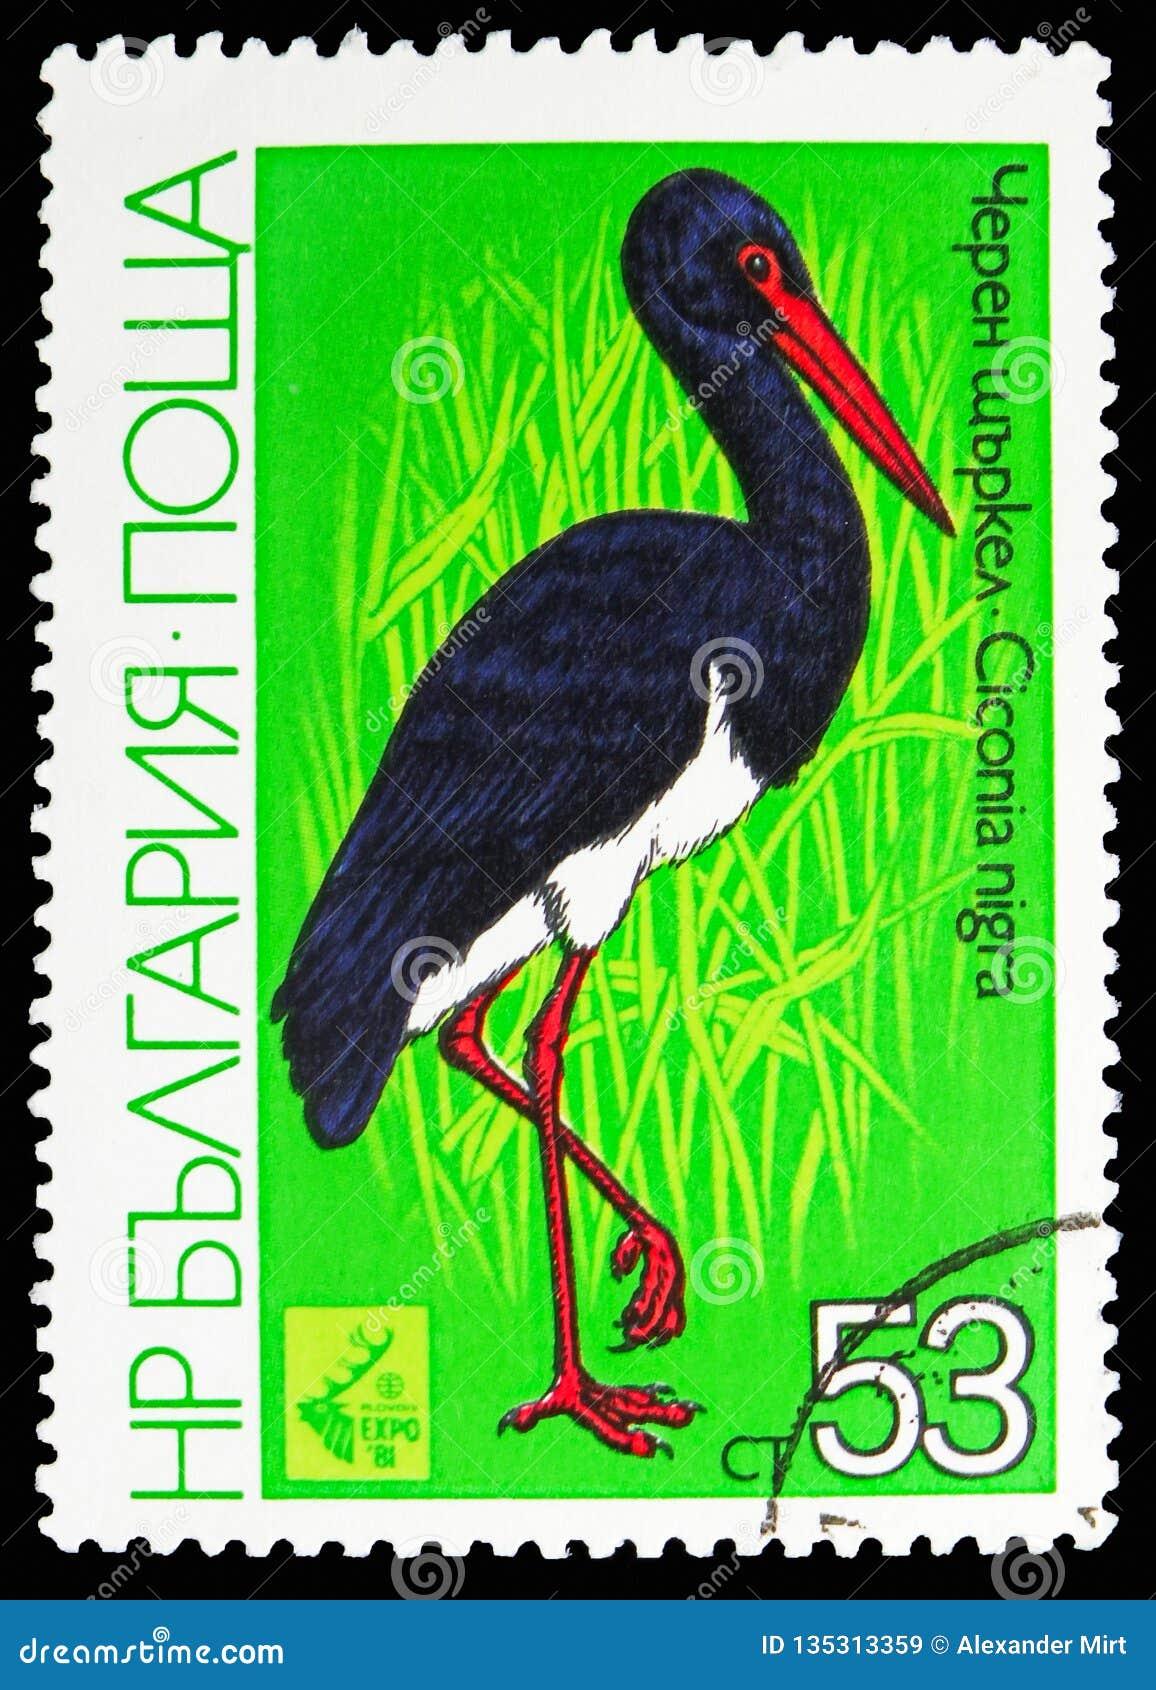 Czarny bocian, Międzynarodowy Łowiecki Powystawowy expo «81, Plovdiv: (Ciconia nigra) Brodza seria około 1981,